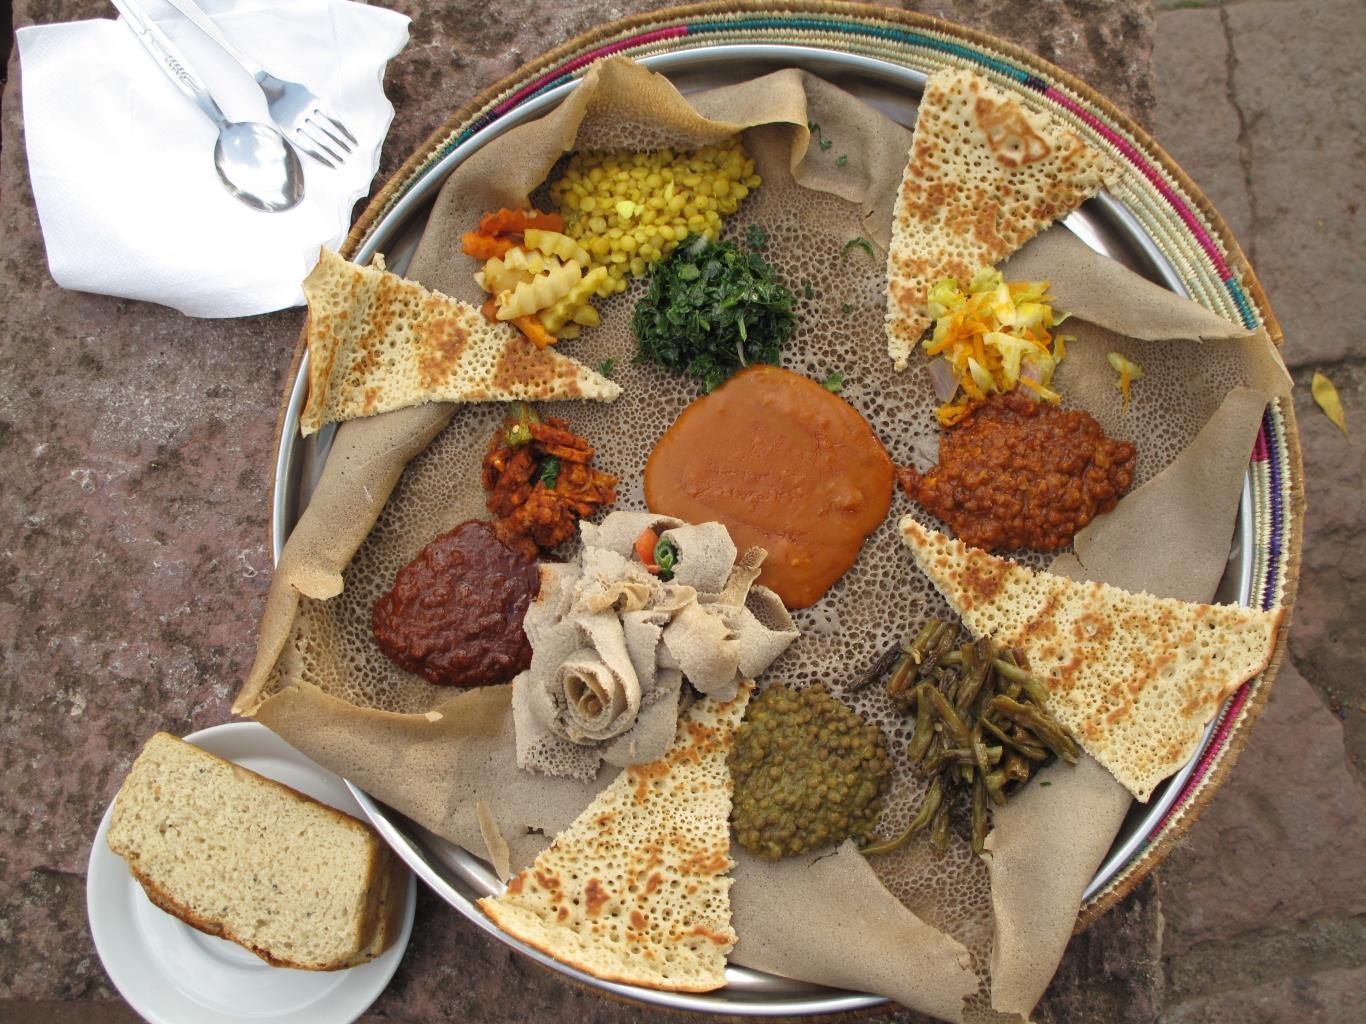 Món cà ri tại quốc gia châu Phi này có nguyên liệu chính là các loại thịt tùy theo mùa và khẩu vị của khách. Wot thường được ăn kèm với inerja, một loại bánh mì phổ biến tại Ethiopia. Bạn có thể thưởng thức hương vị của hành nướng và bơ, cùng với vị cay đặc trưng trong món ăn này.